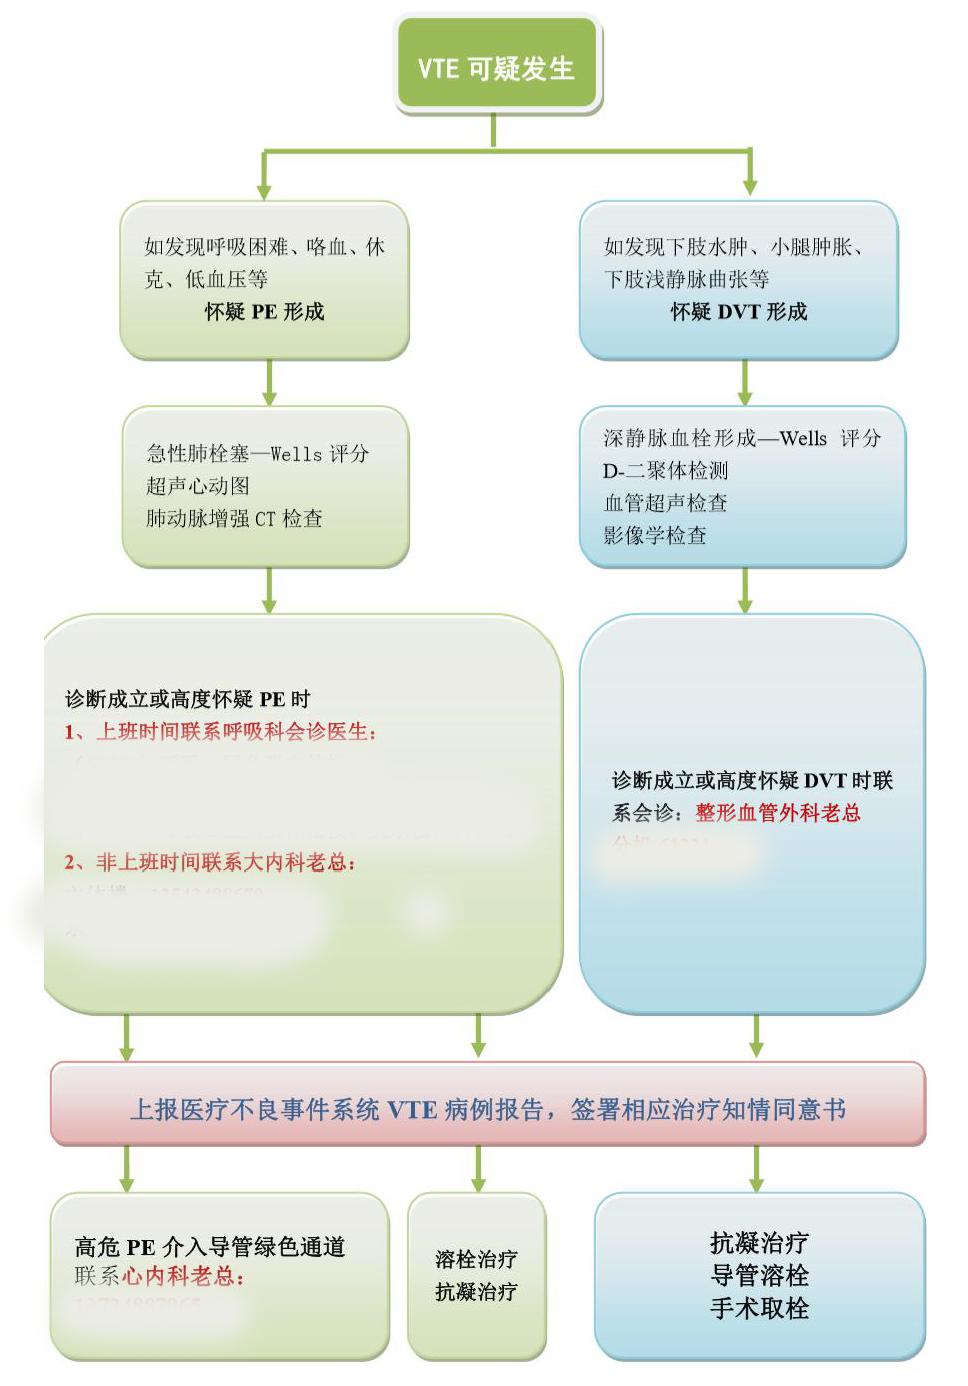 静脉血栓栓塞症(VTE)发生的院内诊疗流程